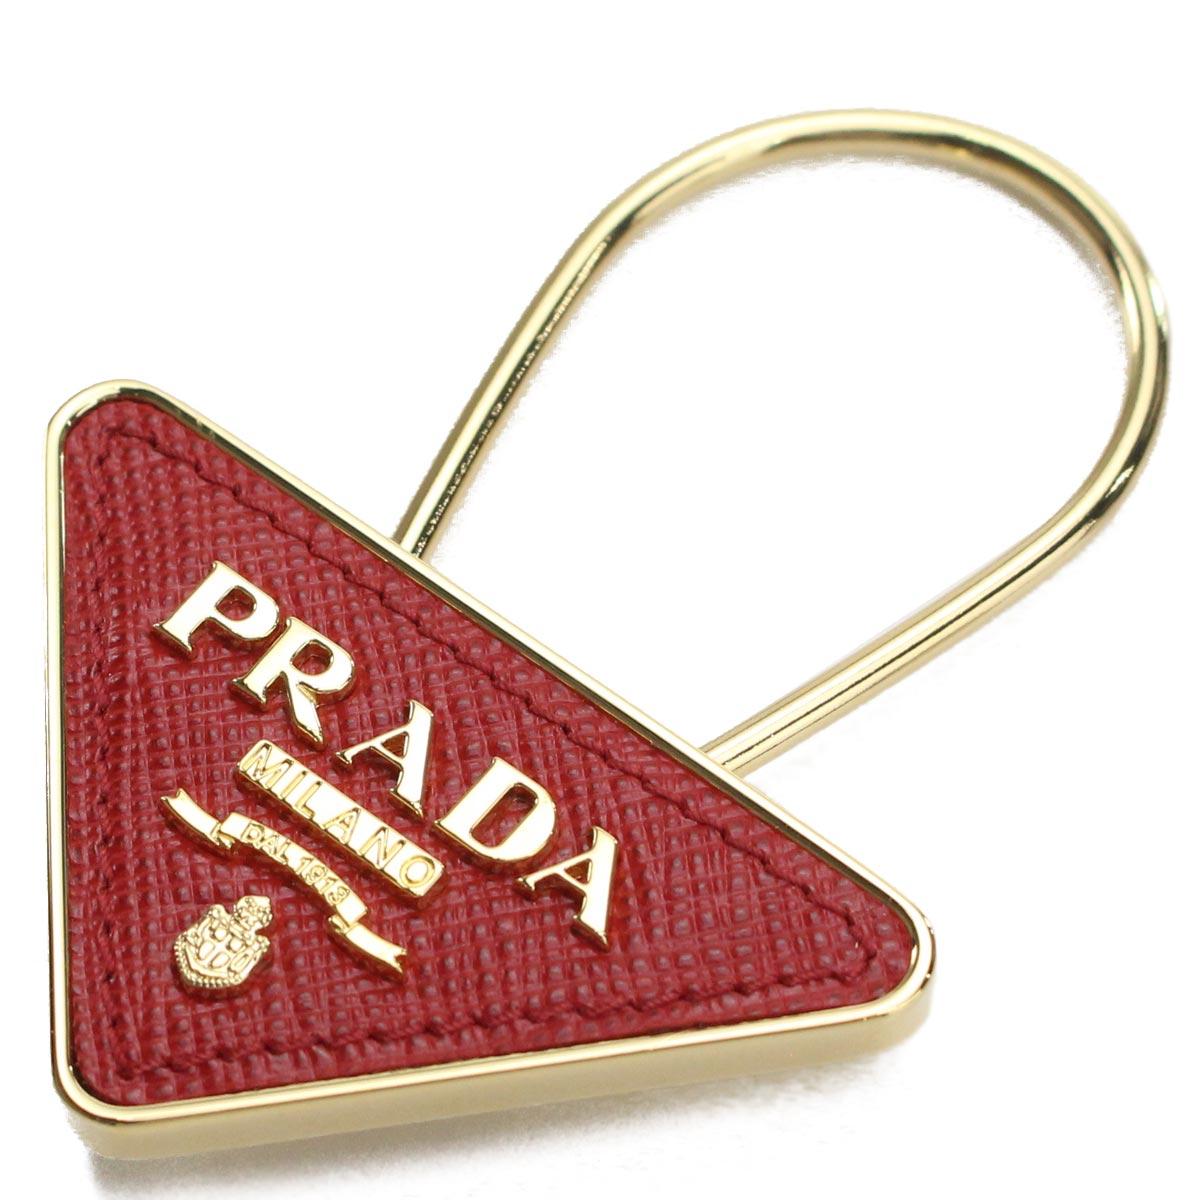 プラダ PRADA サフィアーノ 三角ロゴプレート キーリング 1PP301 053 F068Z FUOCO レッド系